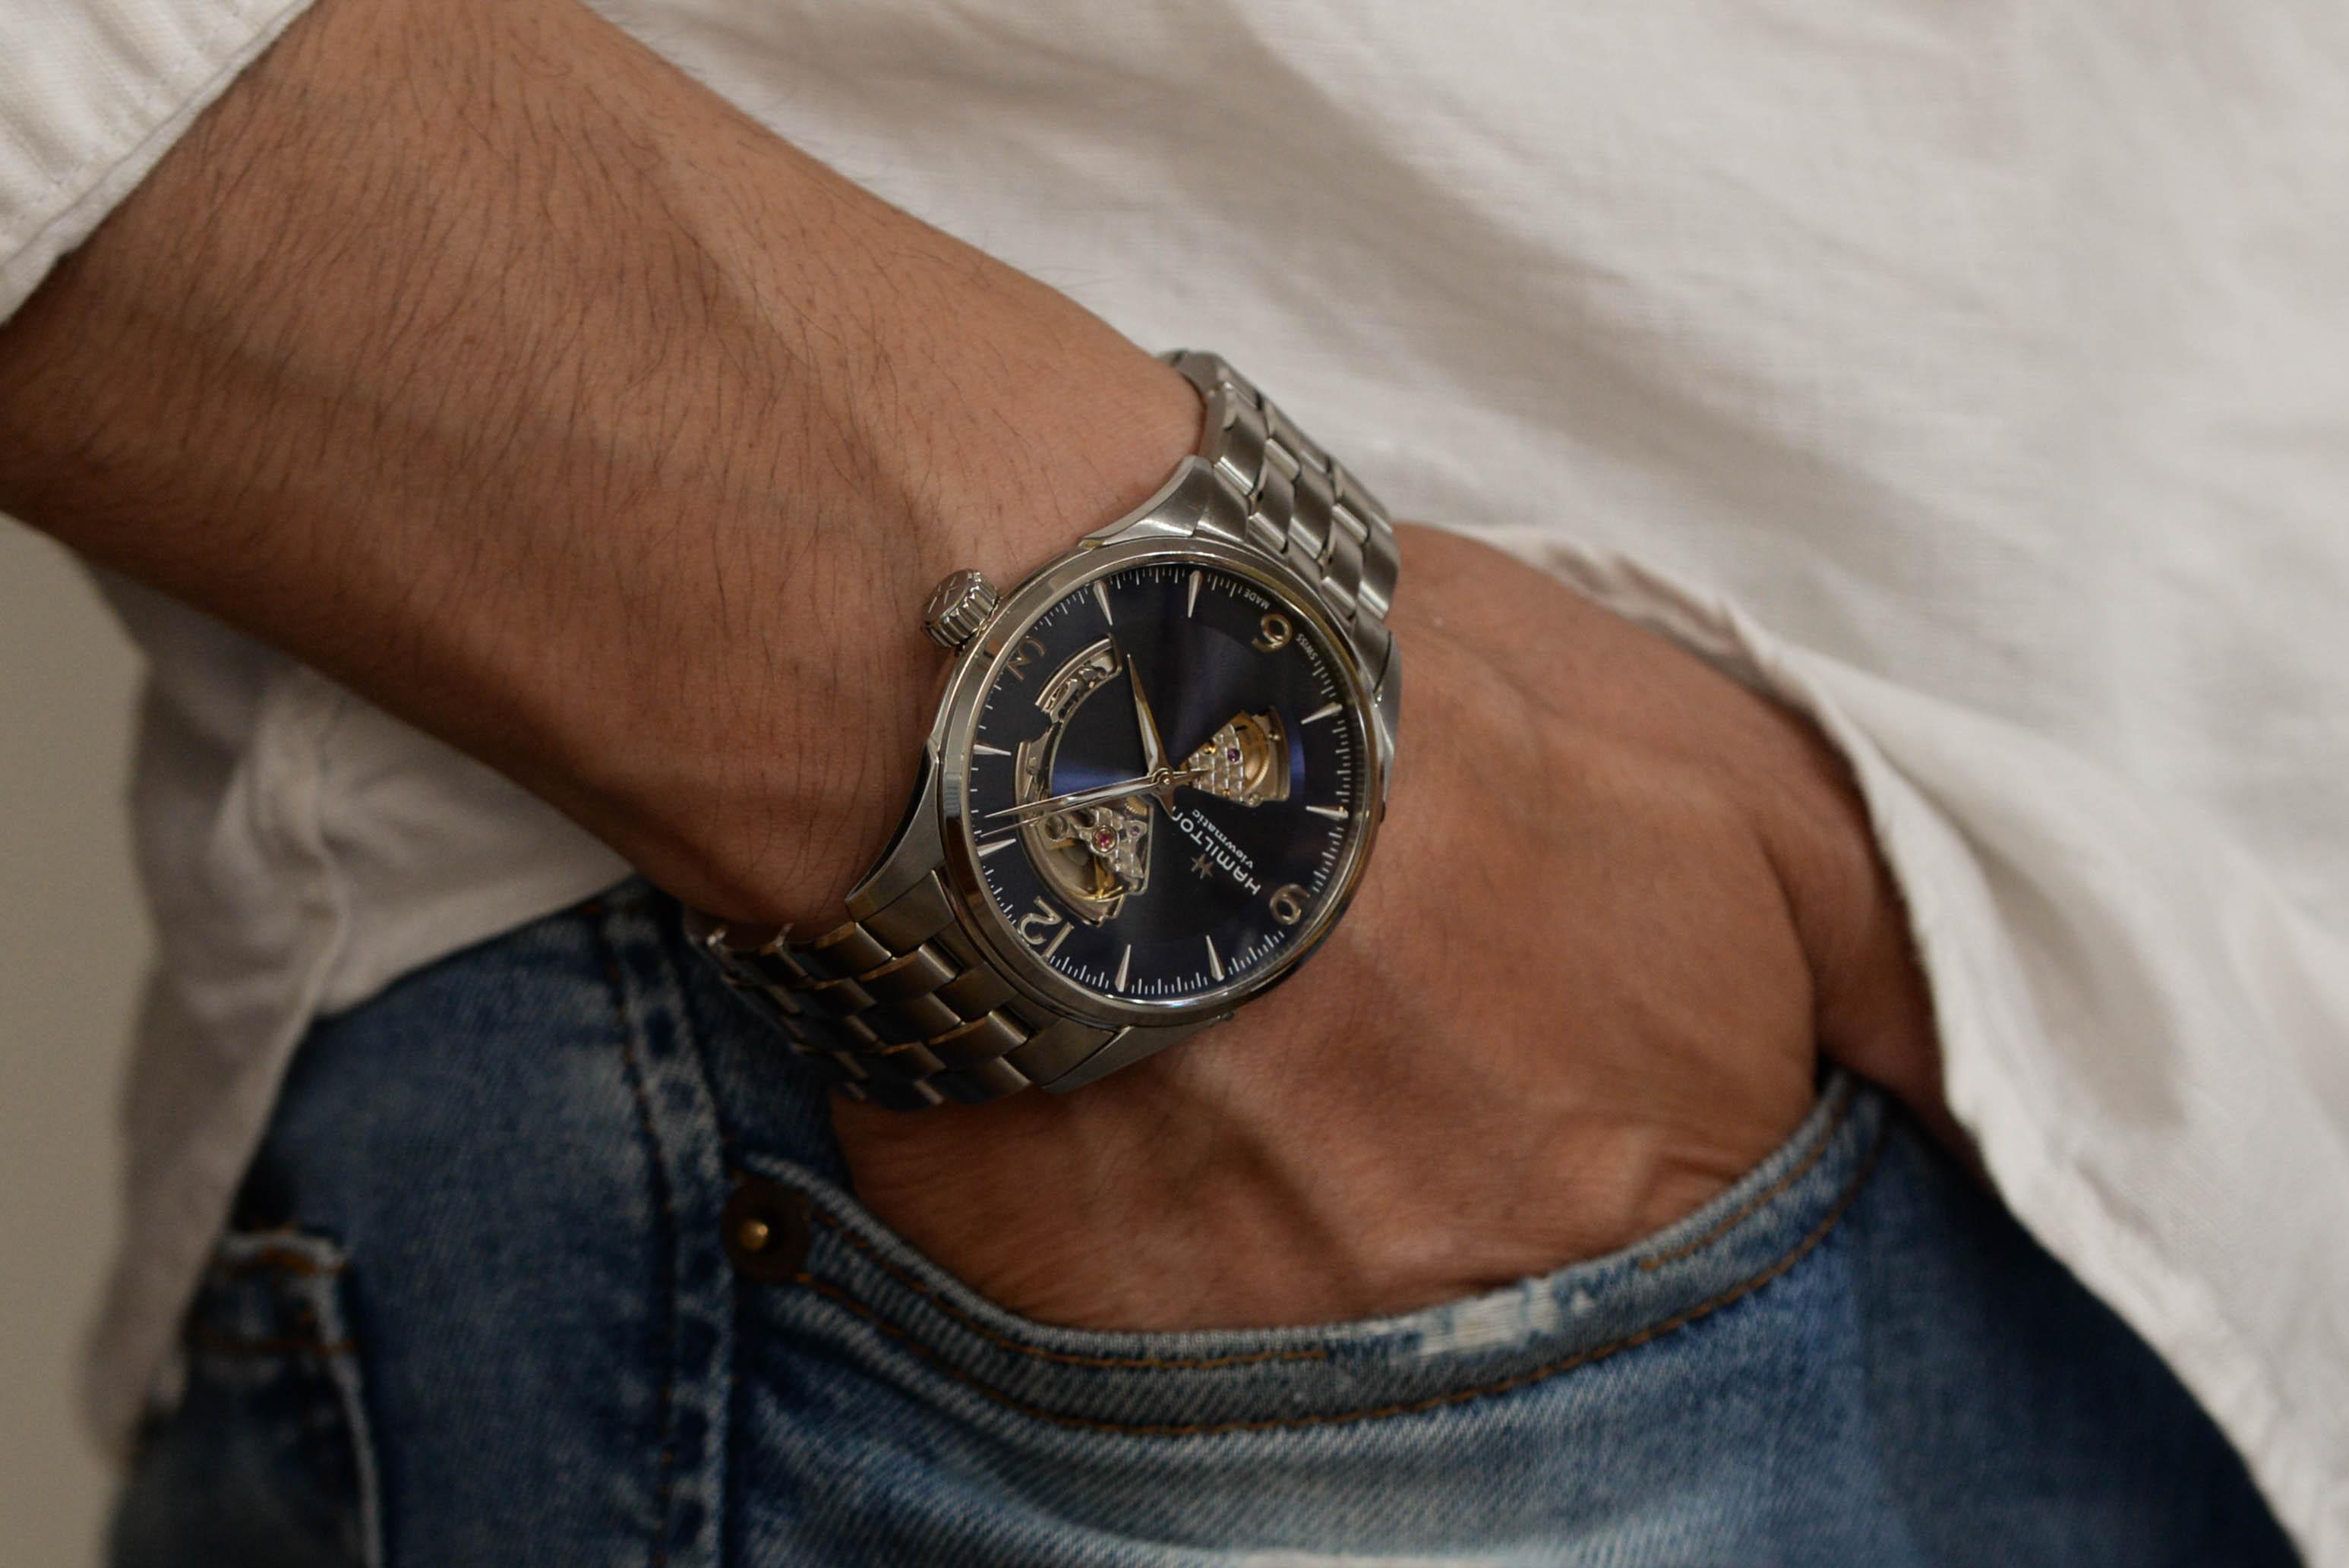 携帯電話ではなく腕時計